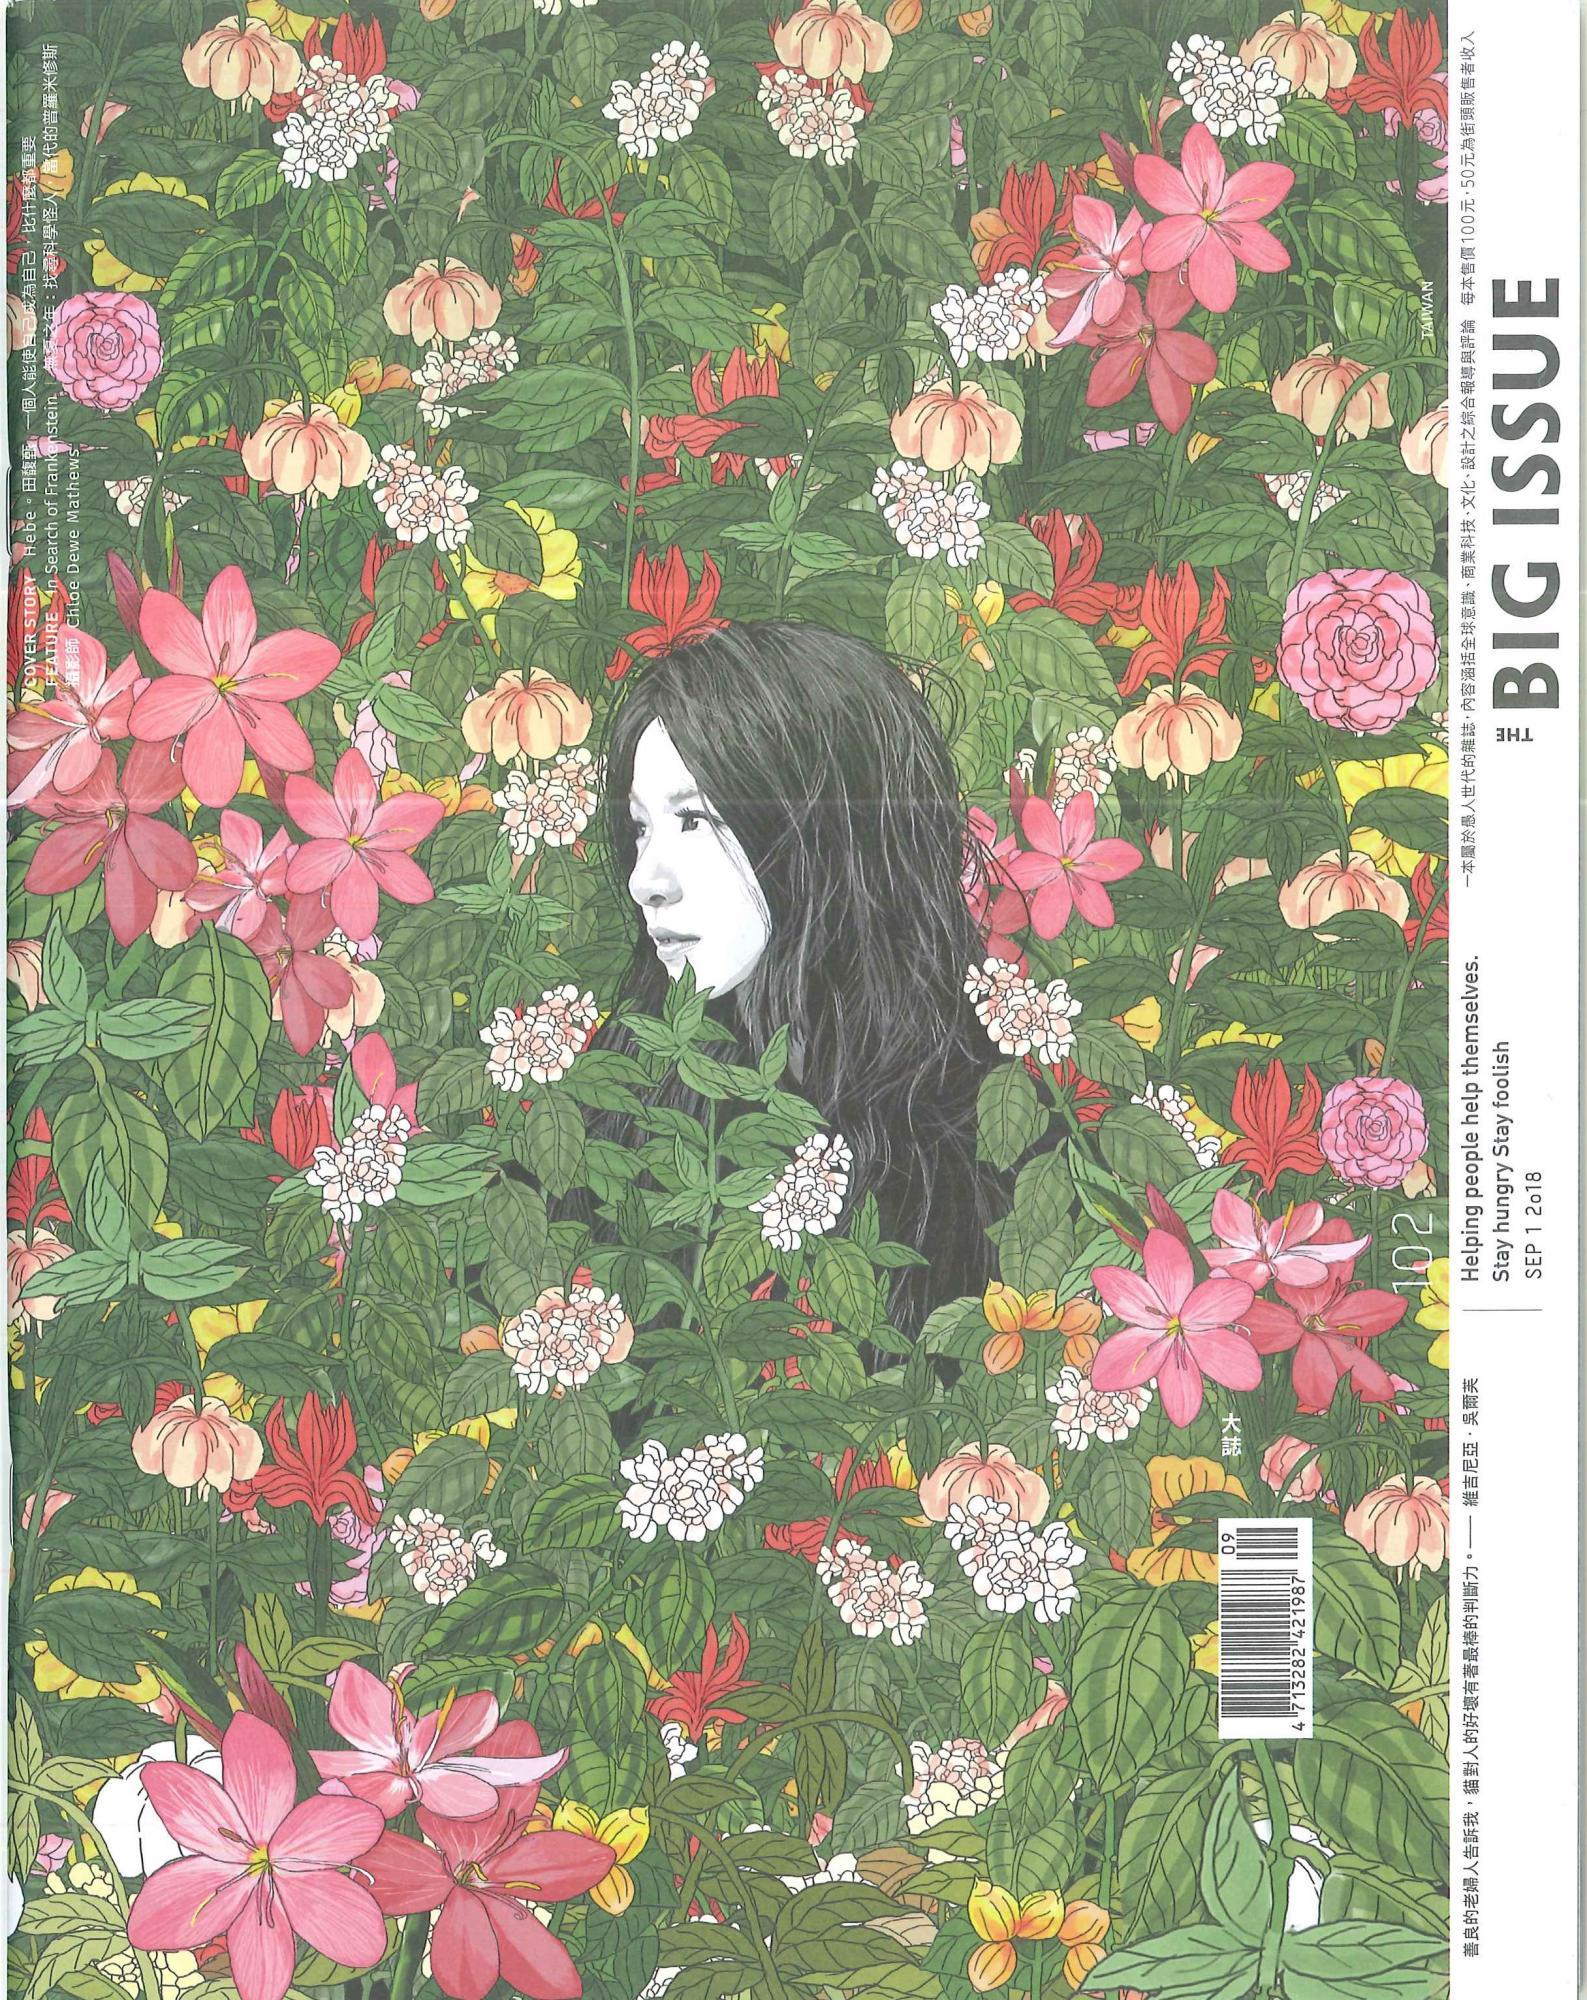 大誌 9 月號 BIG ISSUE 2018